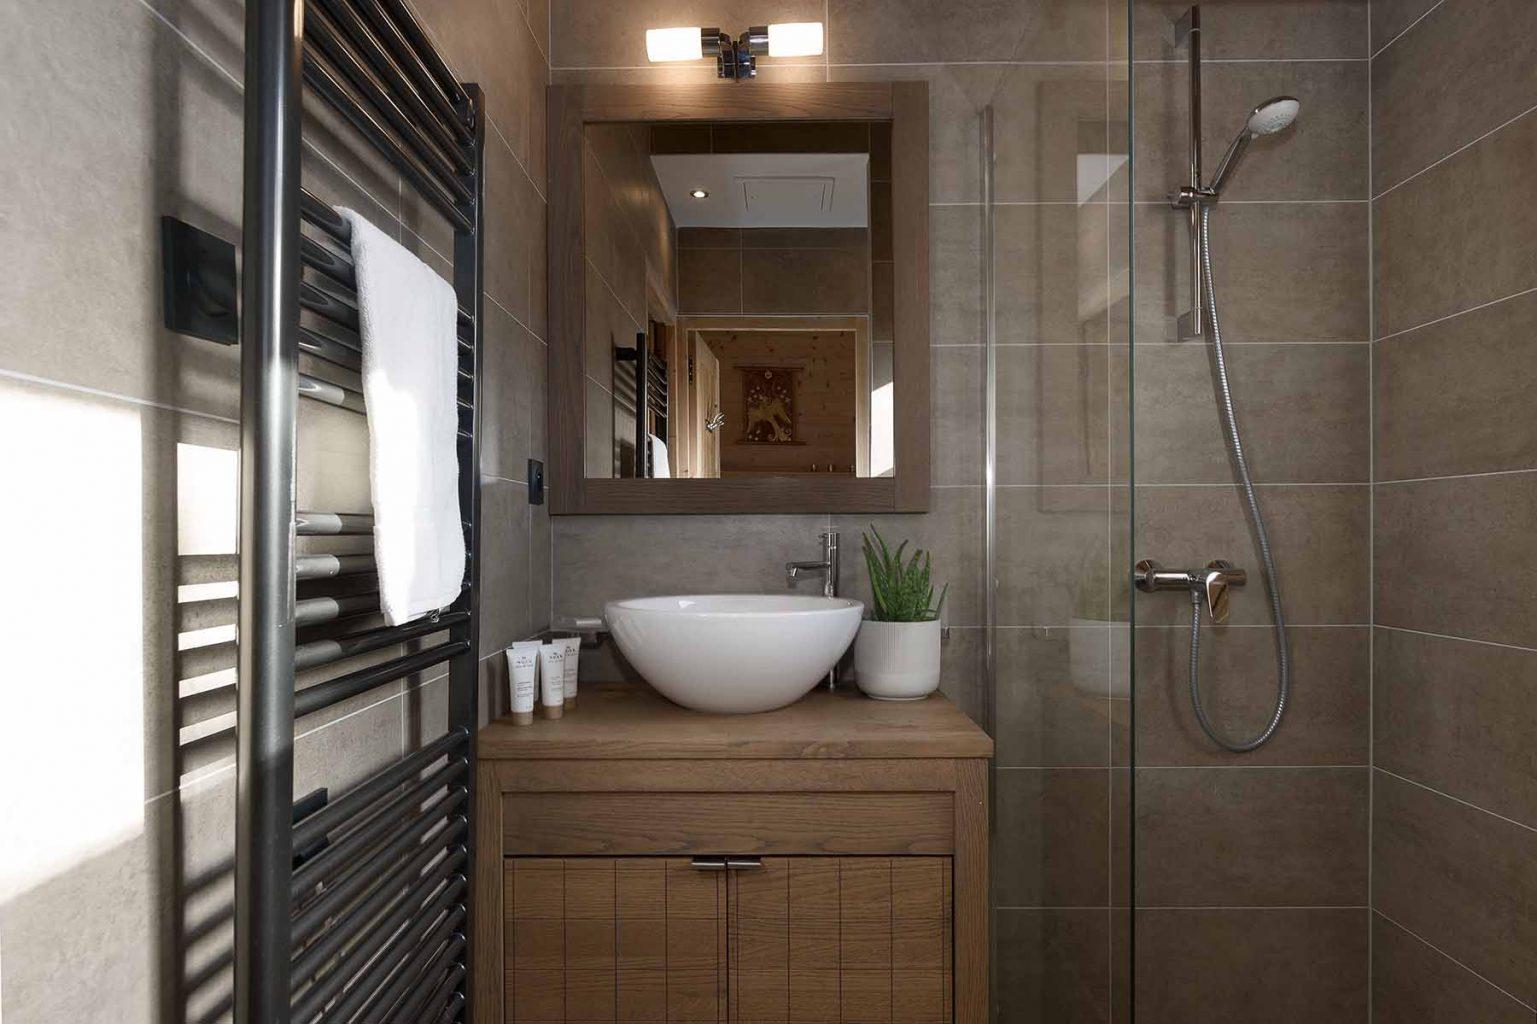 Kili 5A Shower Room